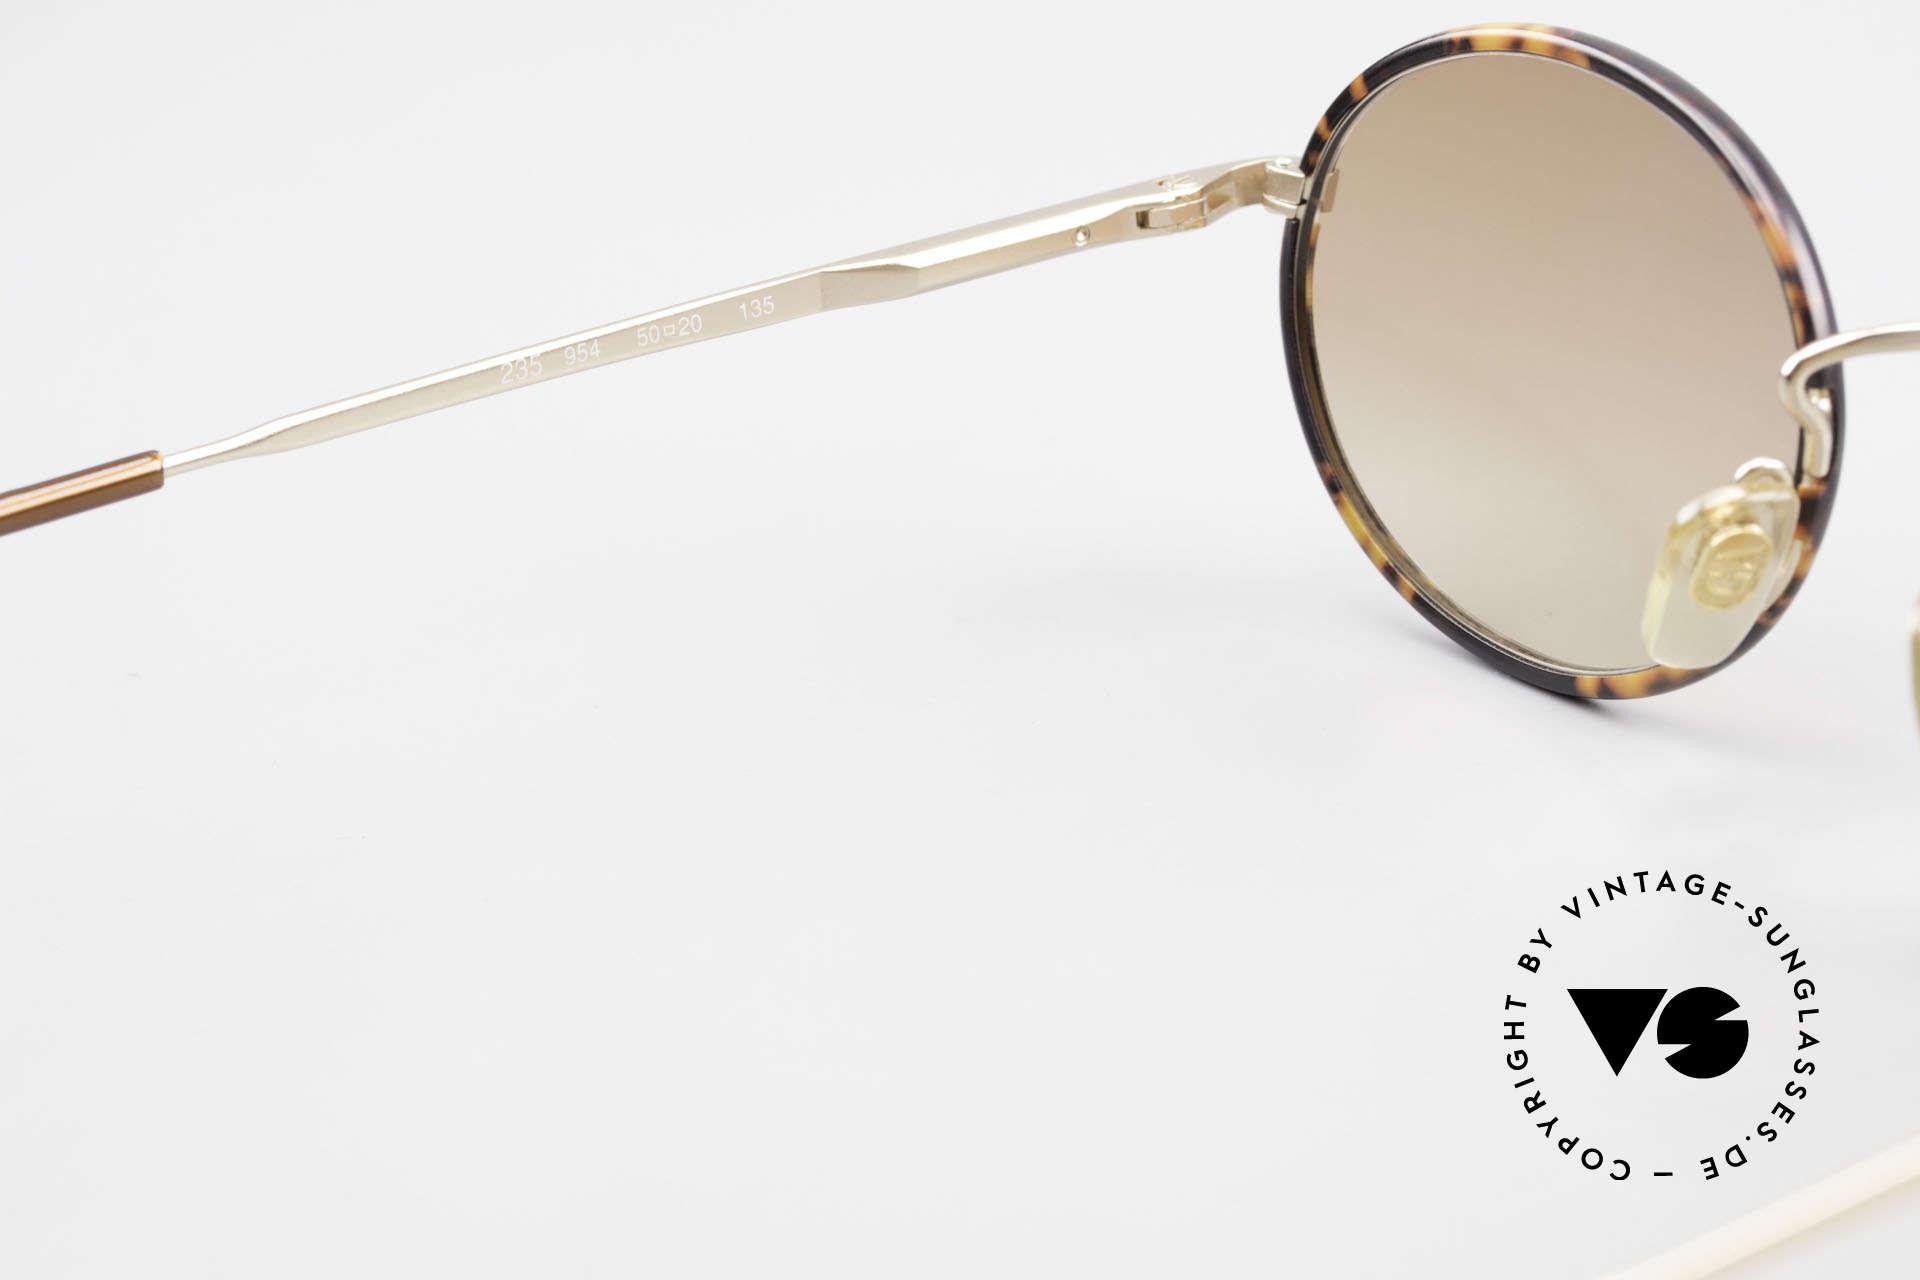 Giorgio Armani 235 Ovale Vintage Sonnenbrille, die Fassung (in Gr. 50-20) ist auch optisch verglasbar, Passend für Herren und Damen